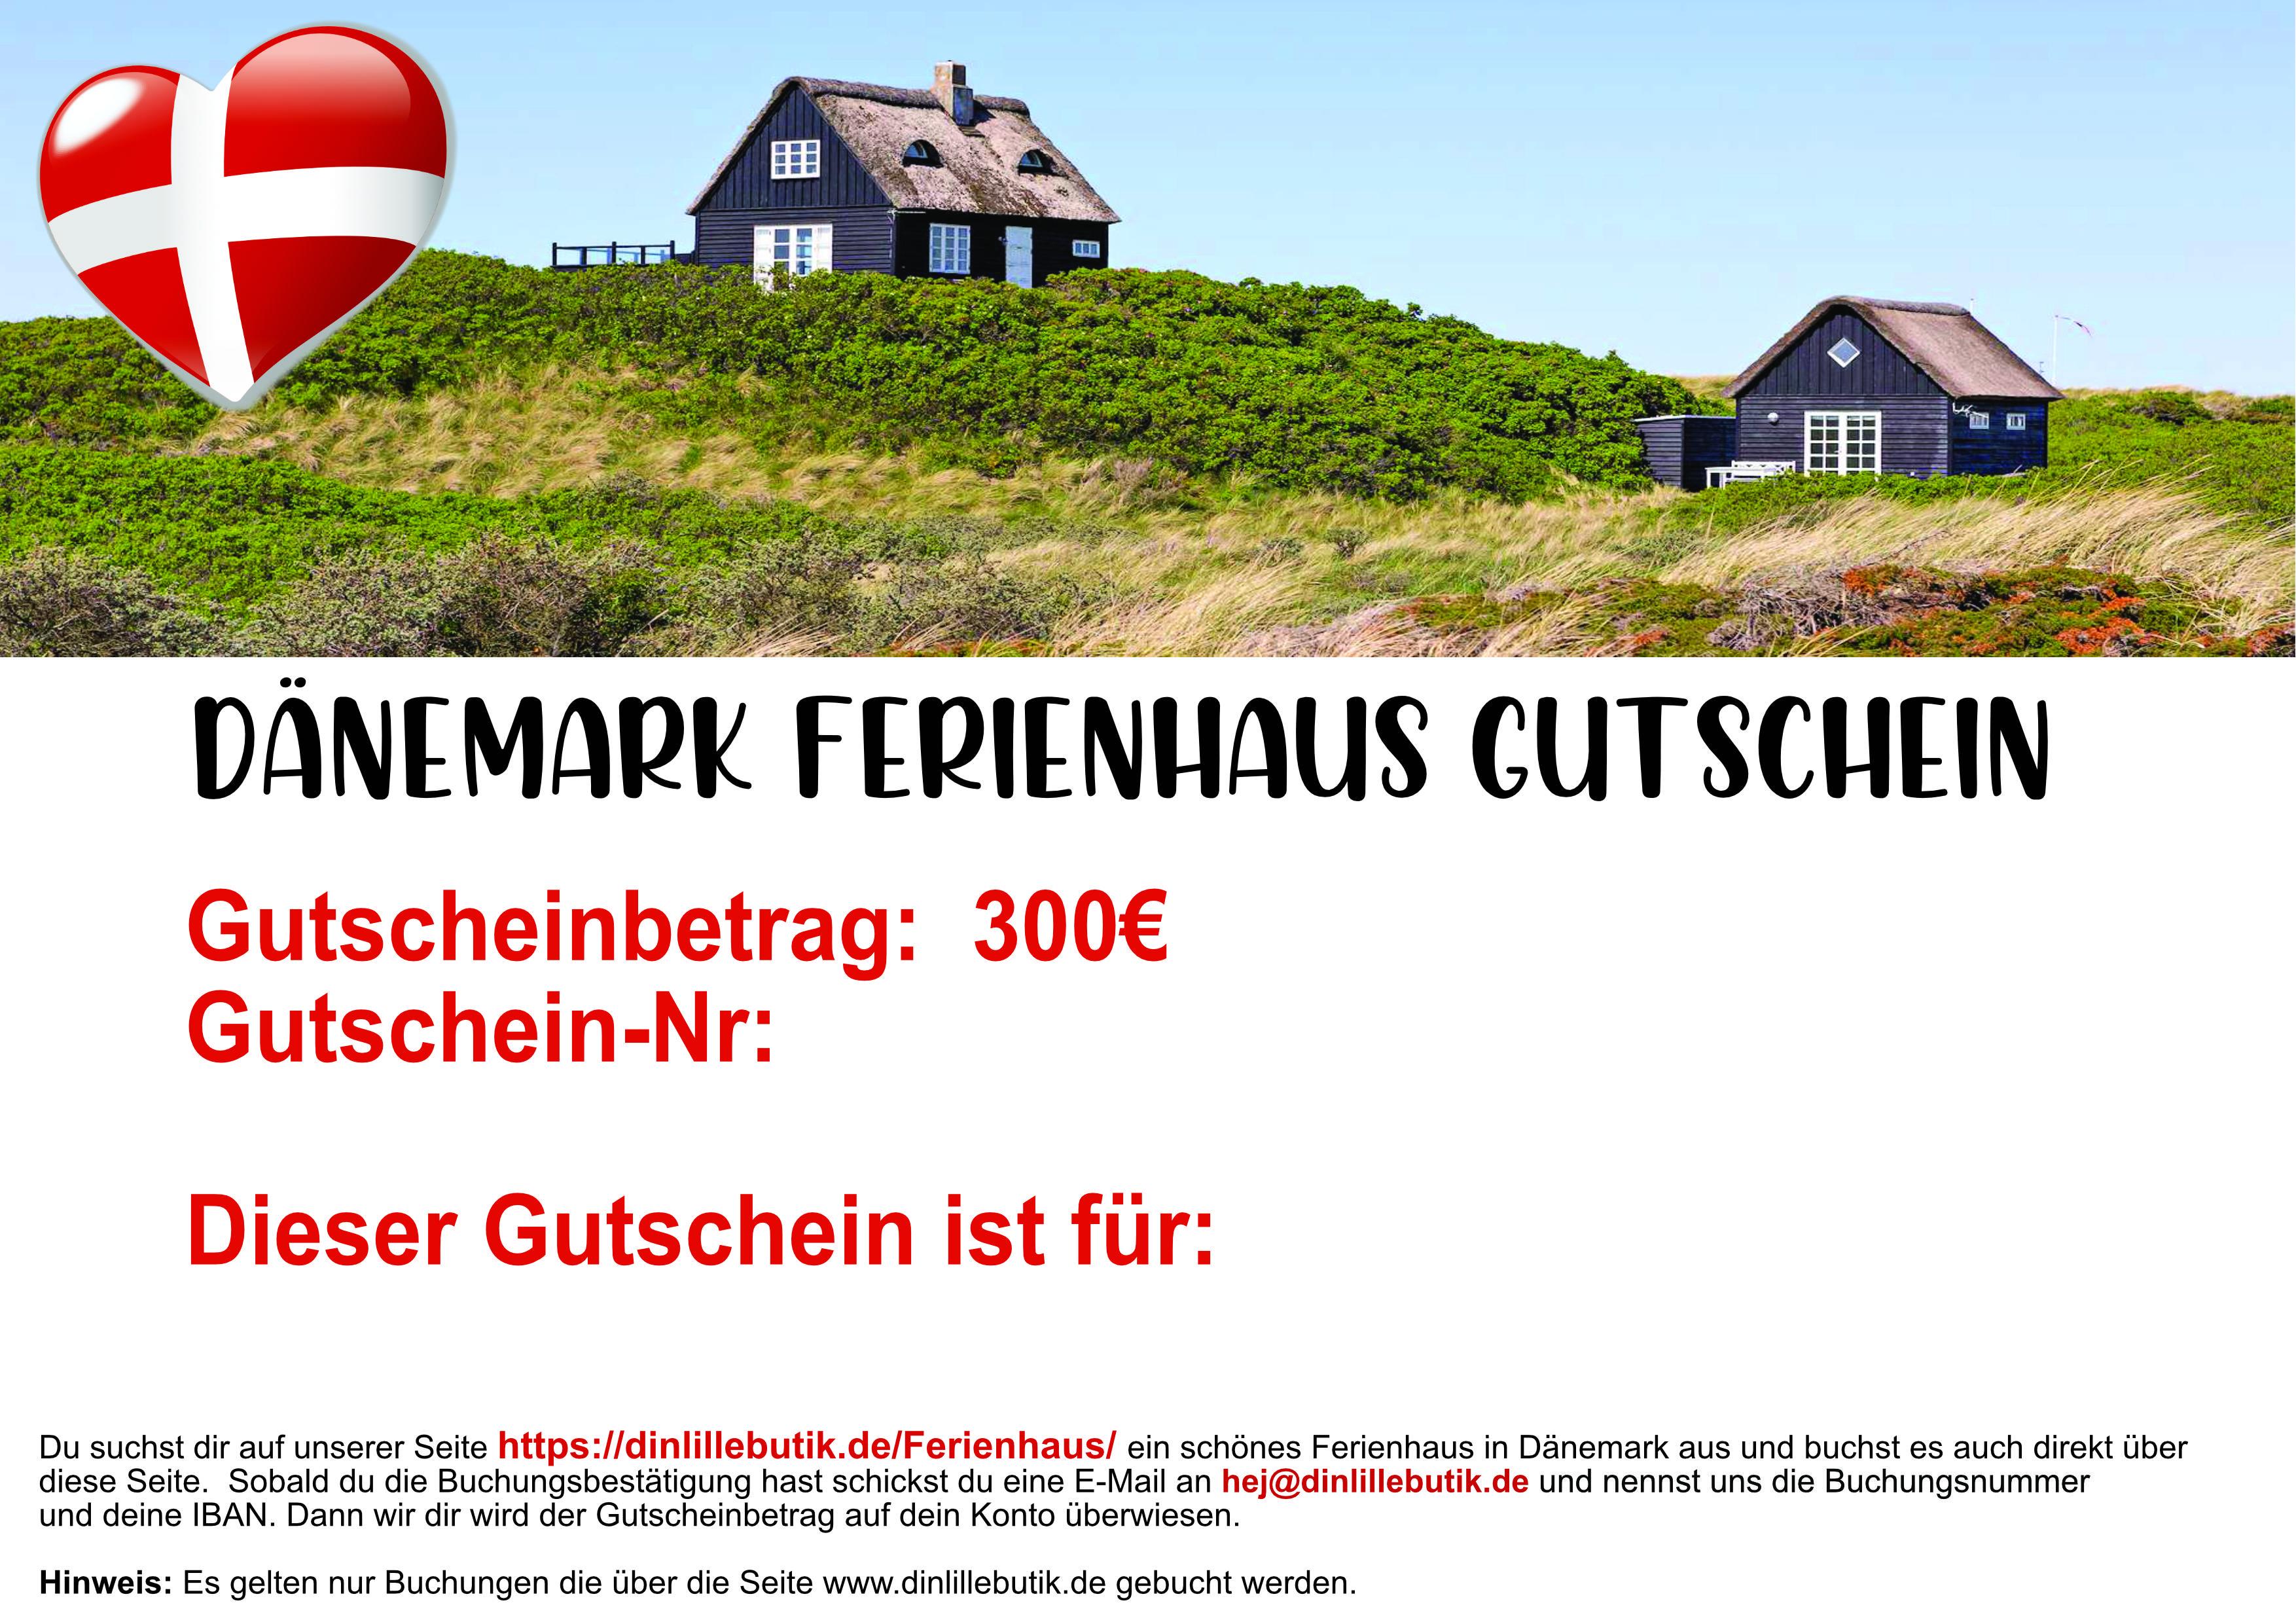 Dänemark Ferienhausgutschein 300 Euro